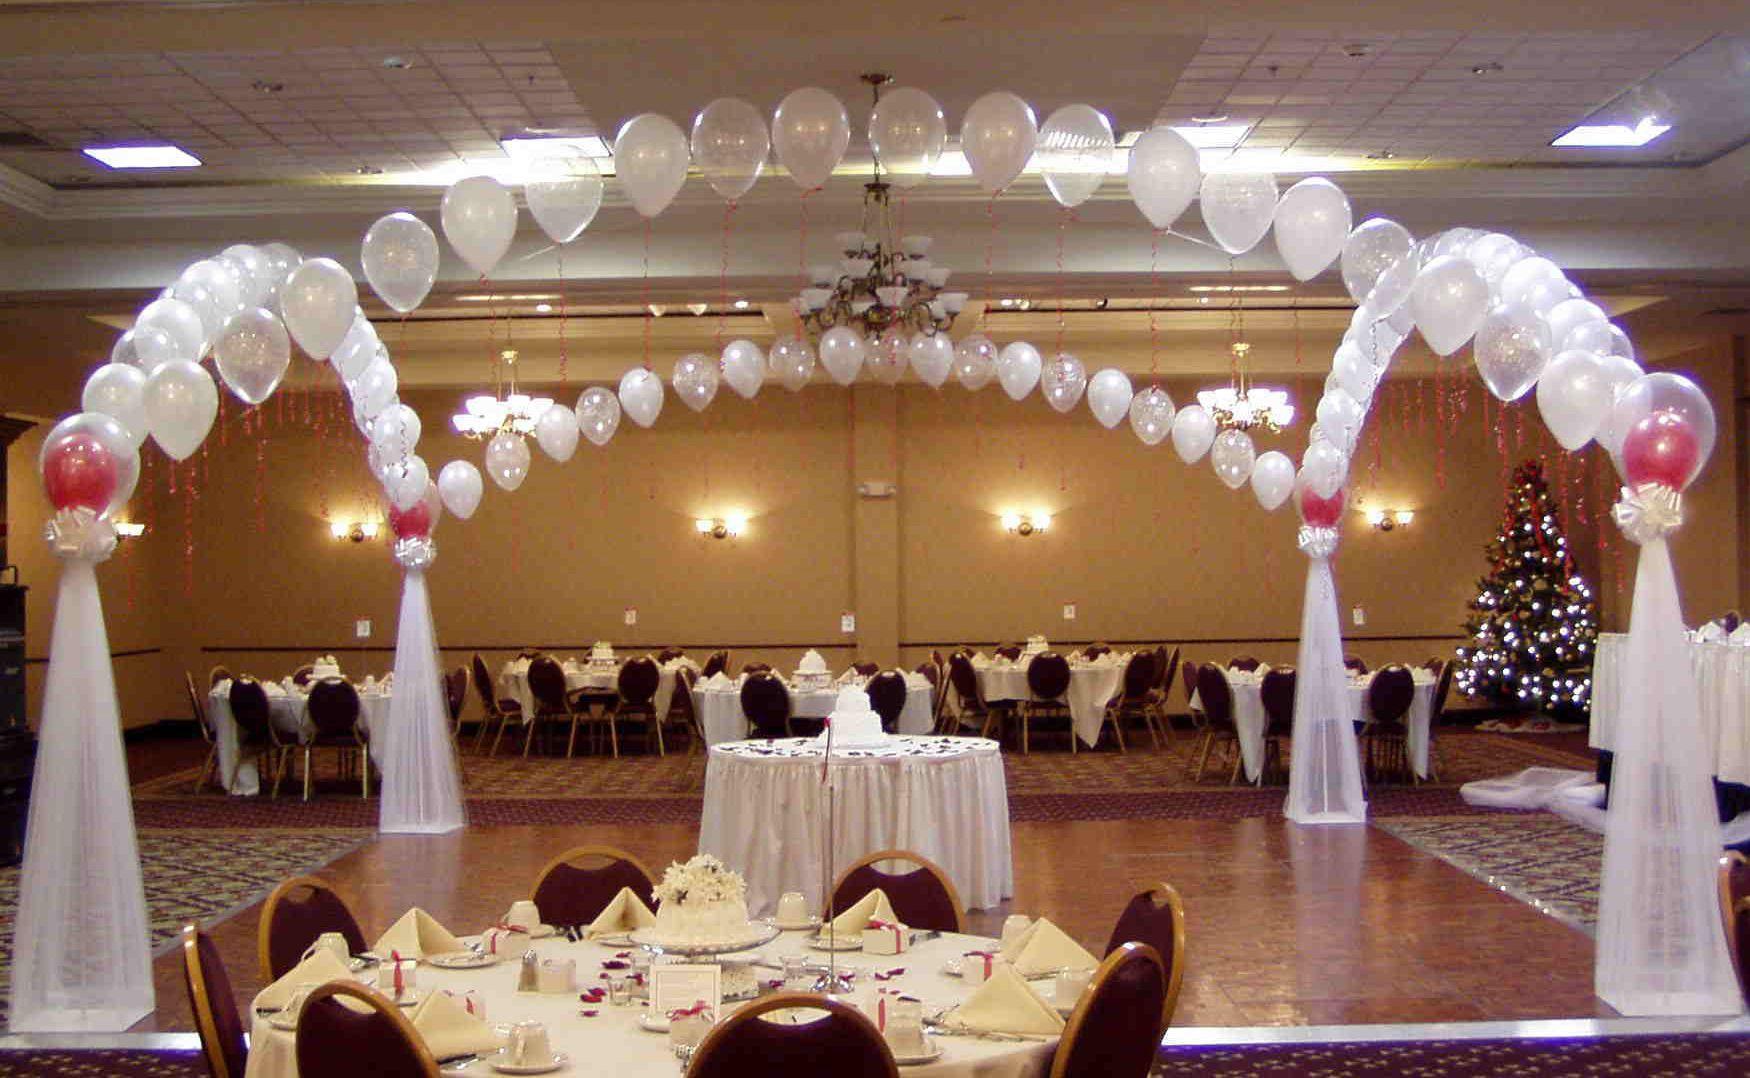 Arco palloncini matrimonio Monza